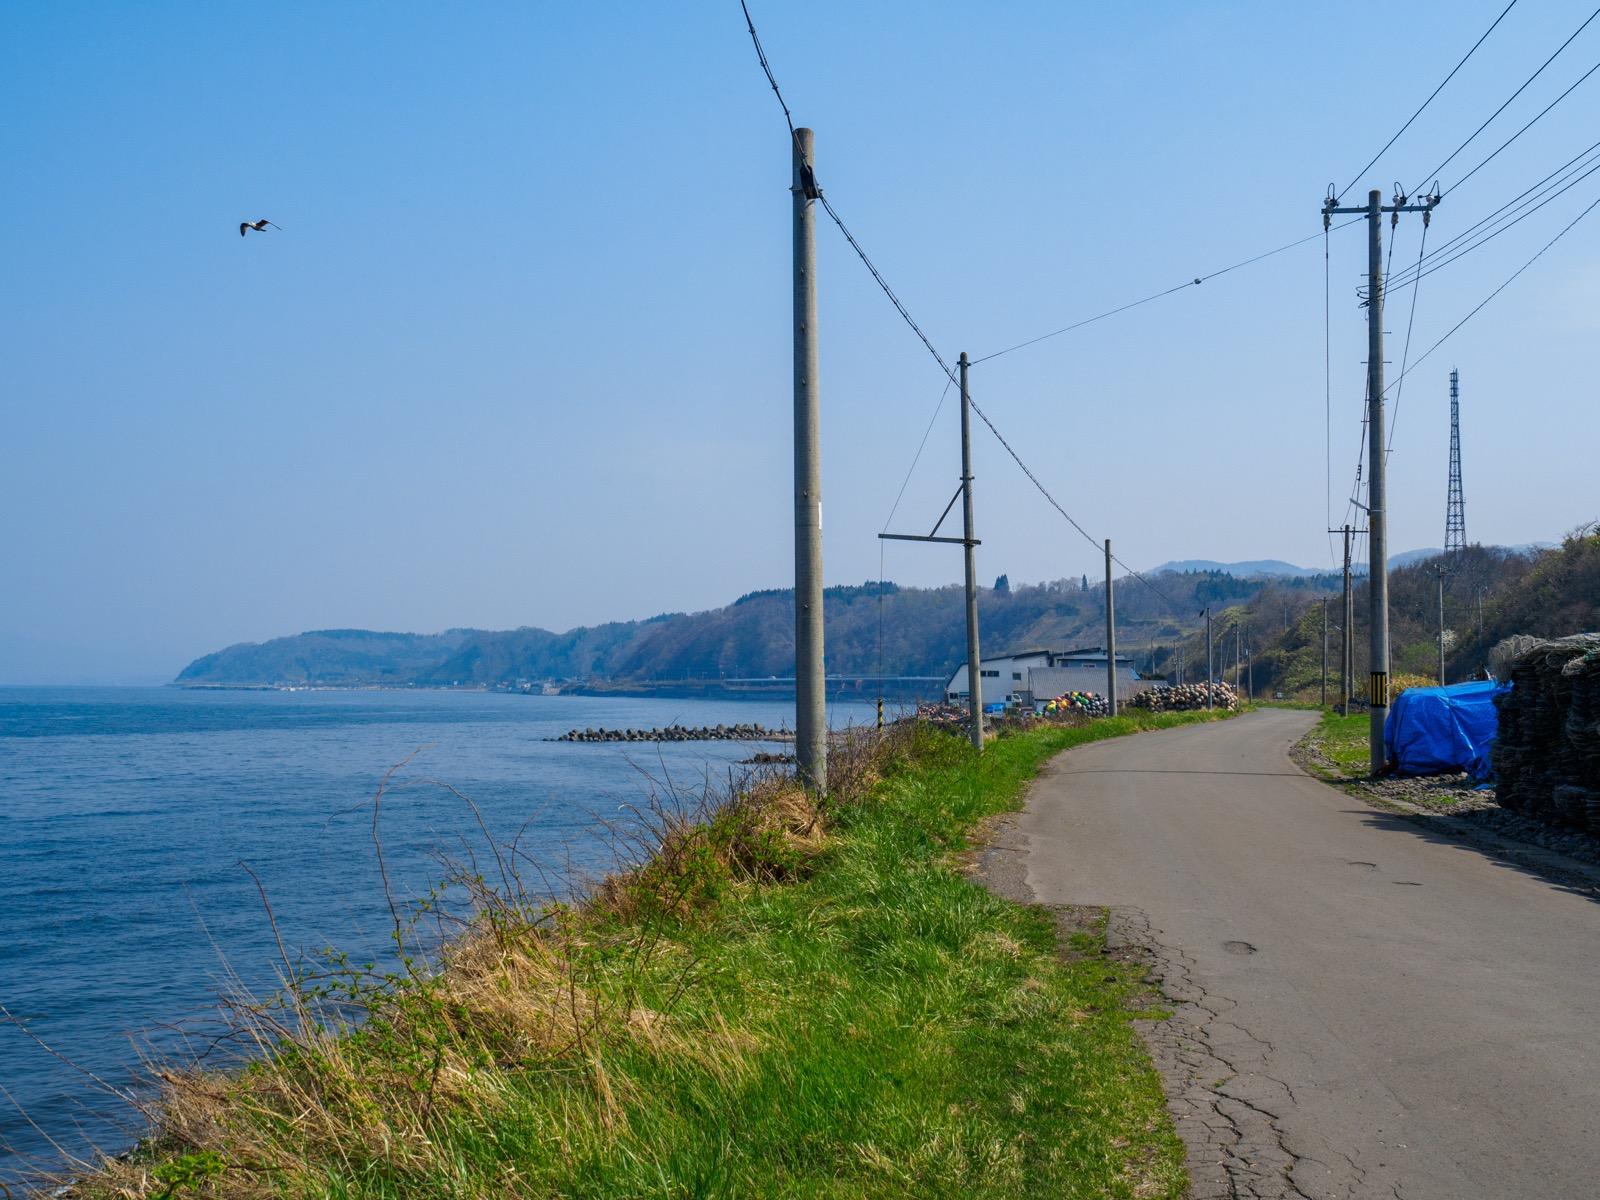 石倉駅前の道路と噴火湾(内浦湾)の海岸線